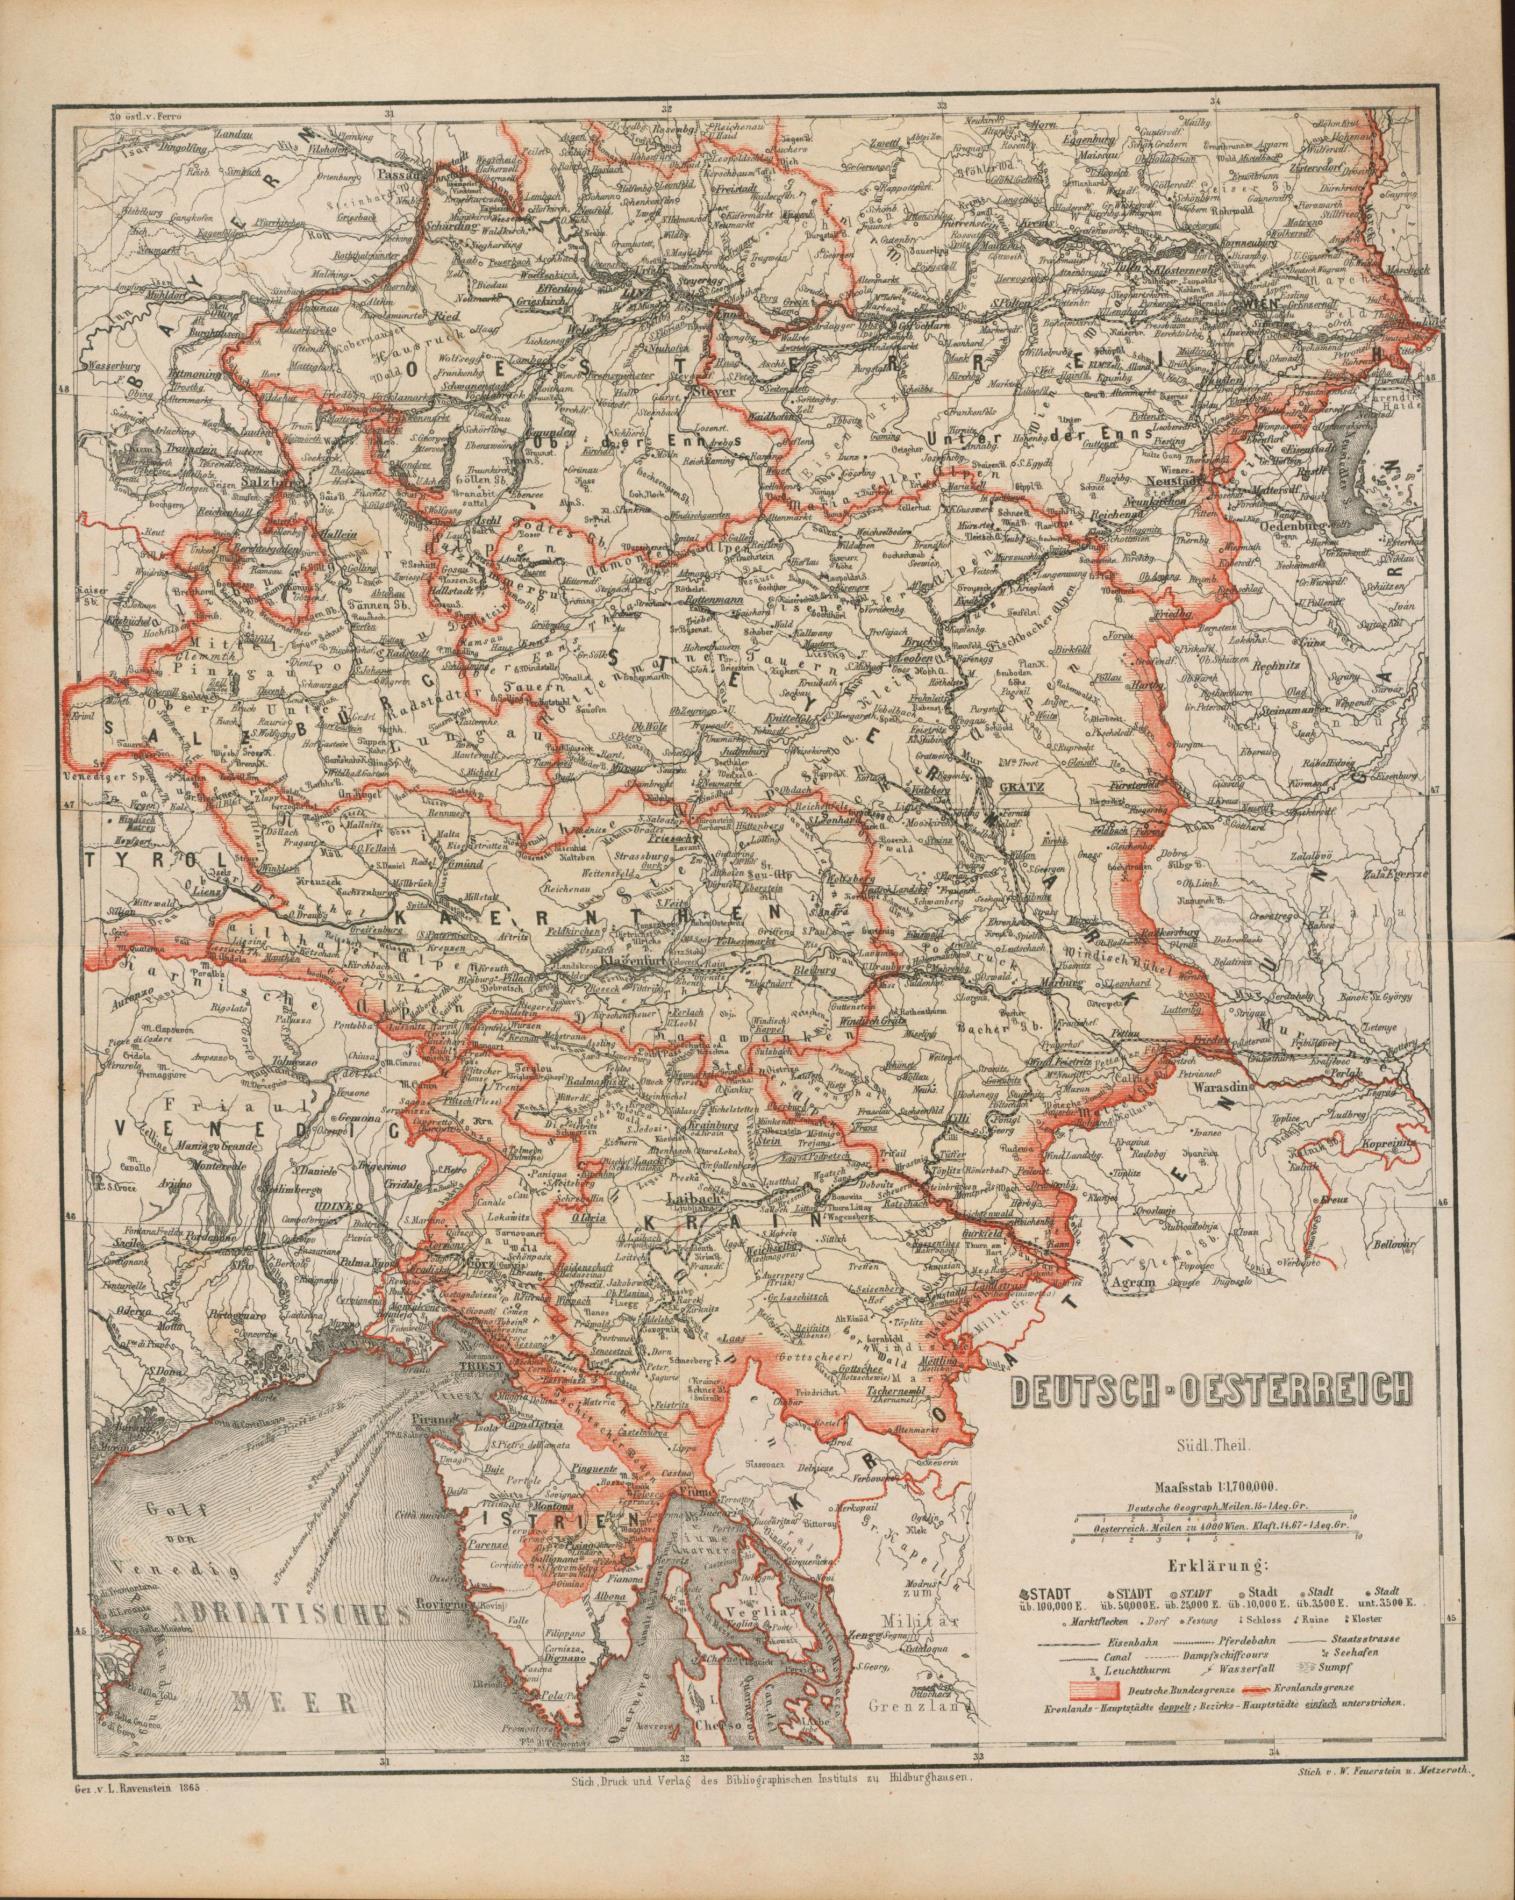 Deutsch - Oestereich Südl. Theil von 1865.: Historische Landkarte KEIN